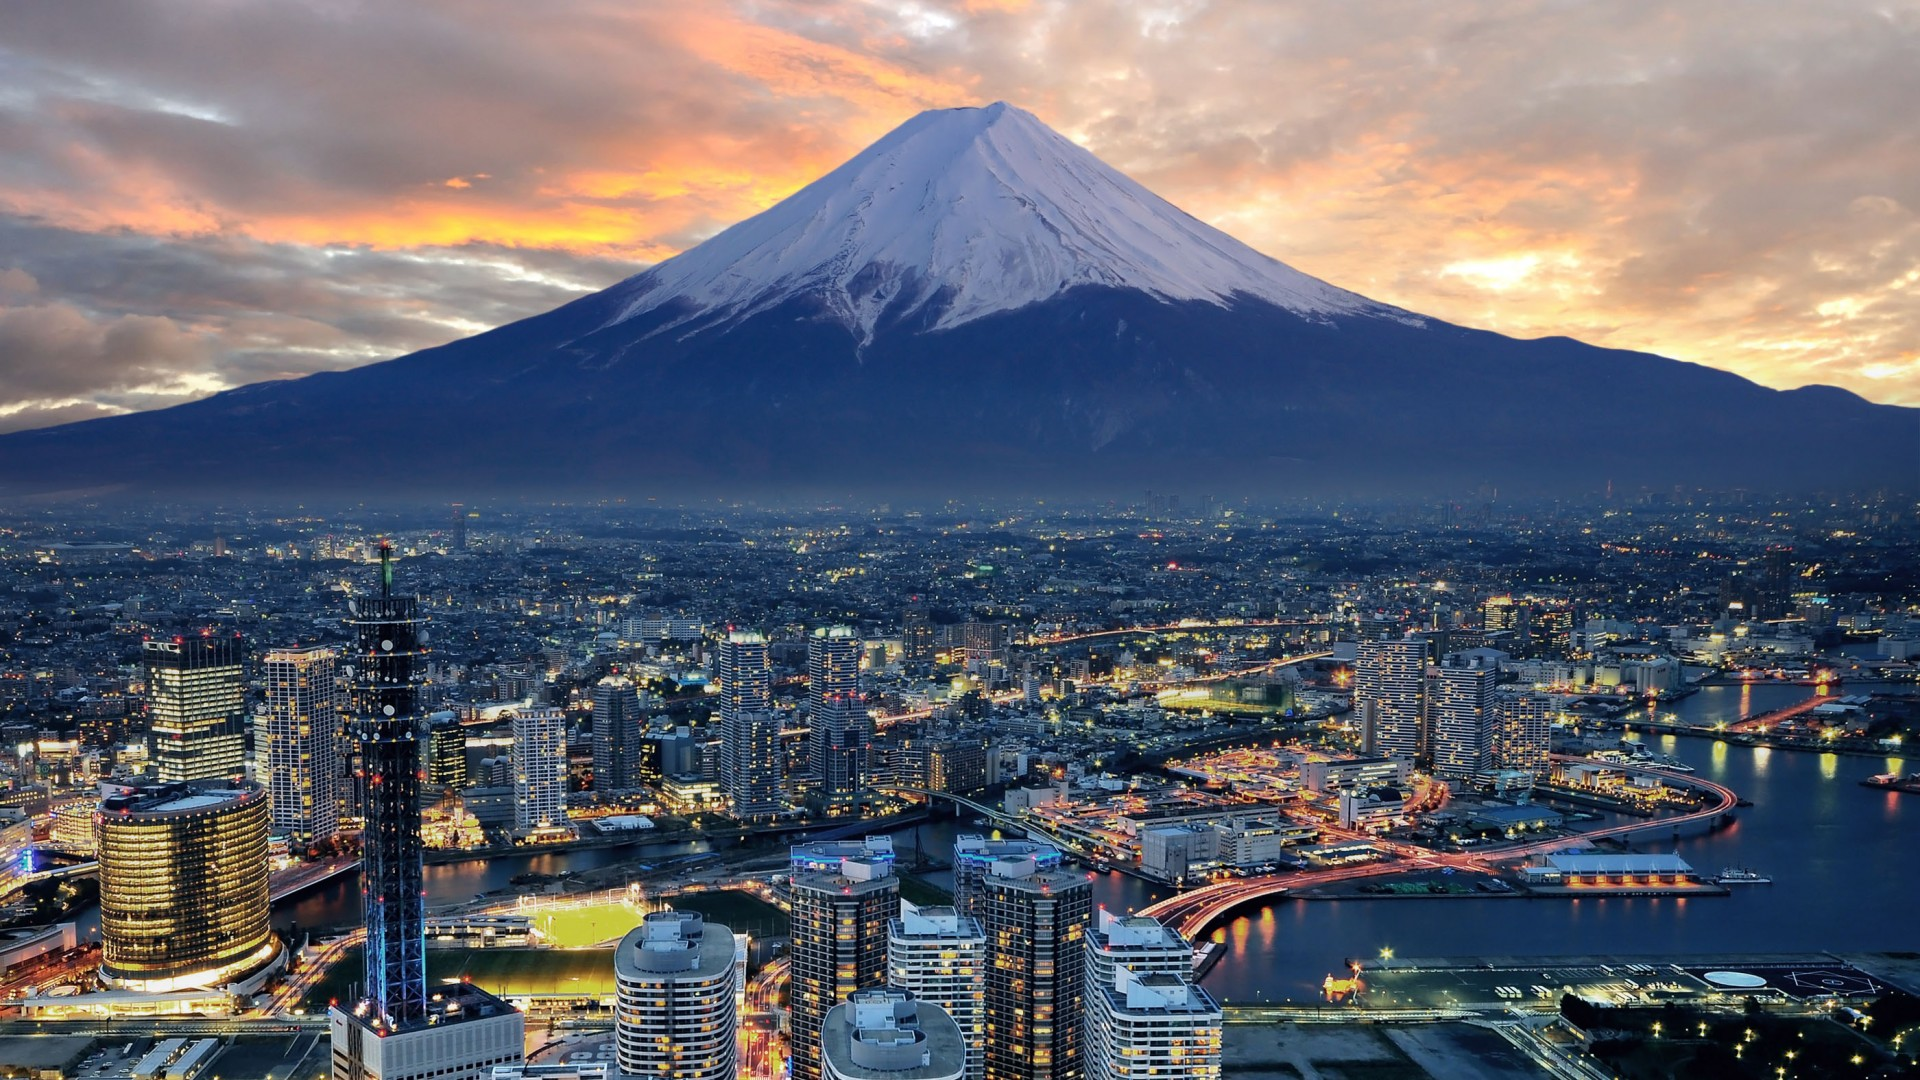 कामदार तत्काल जापान जान नपाउने